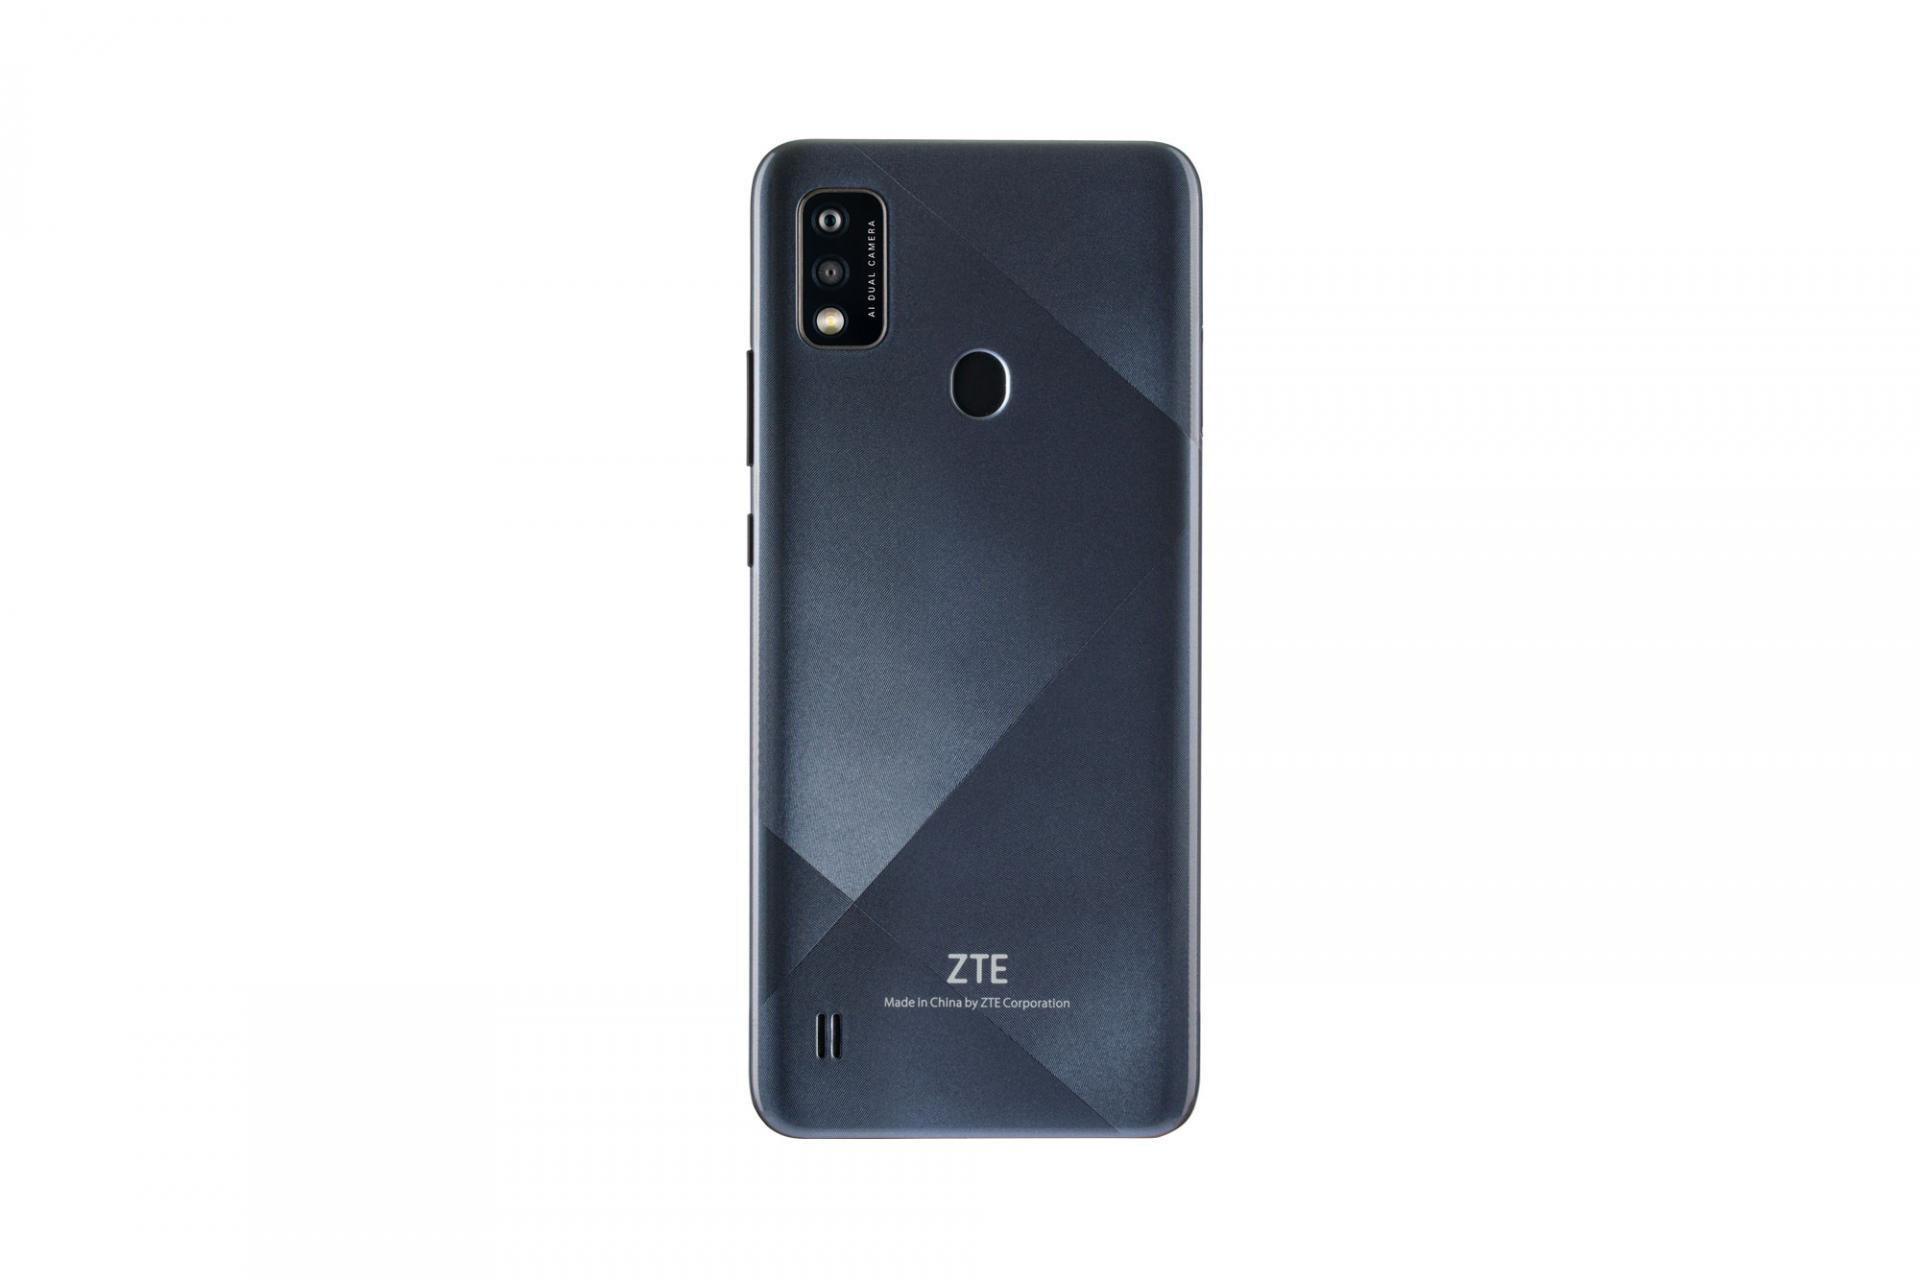 Новый ZTE Blade A51: недорогой смартфон с продвинутой камерой